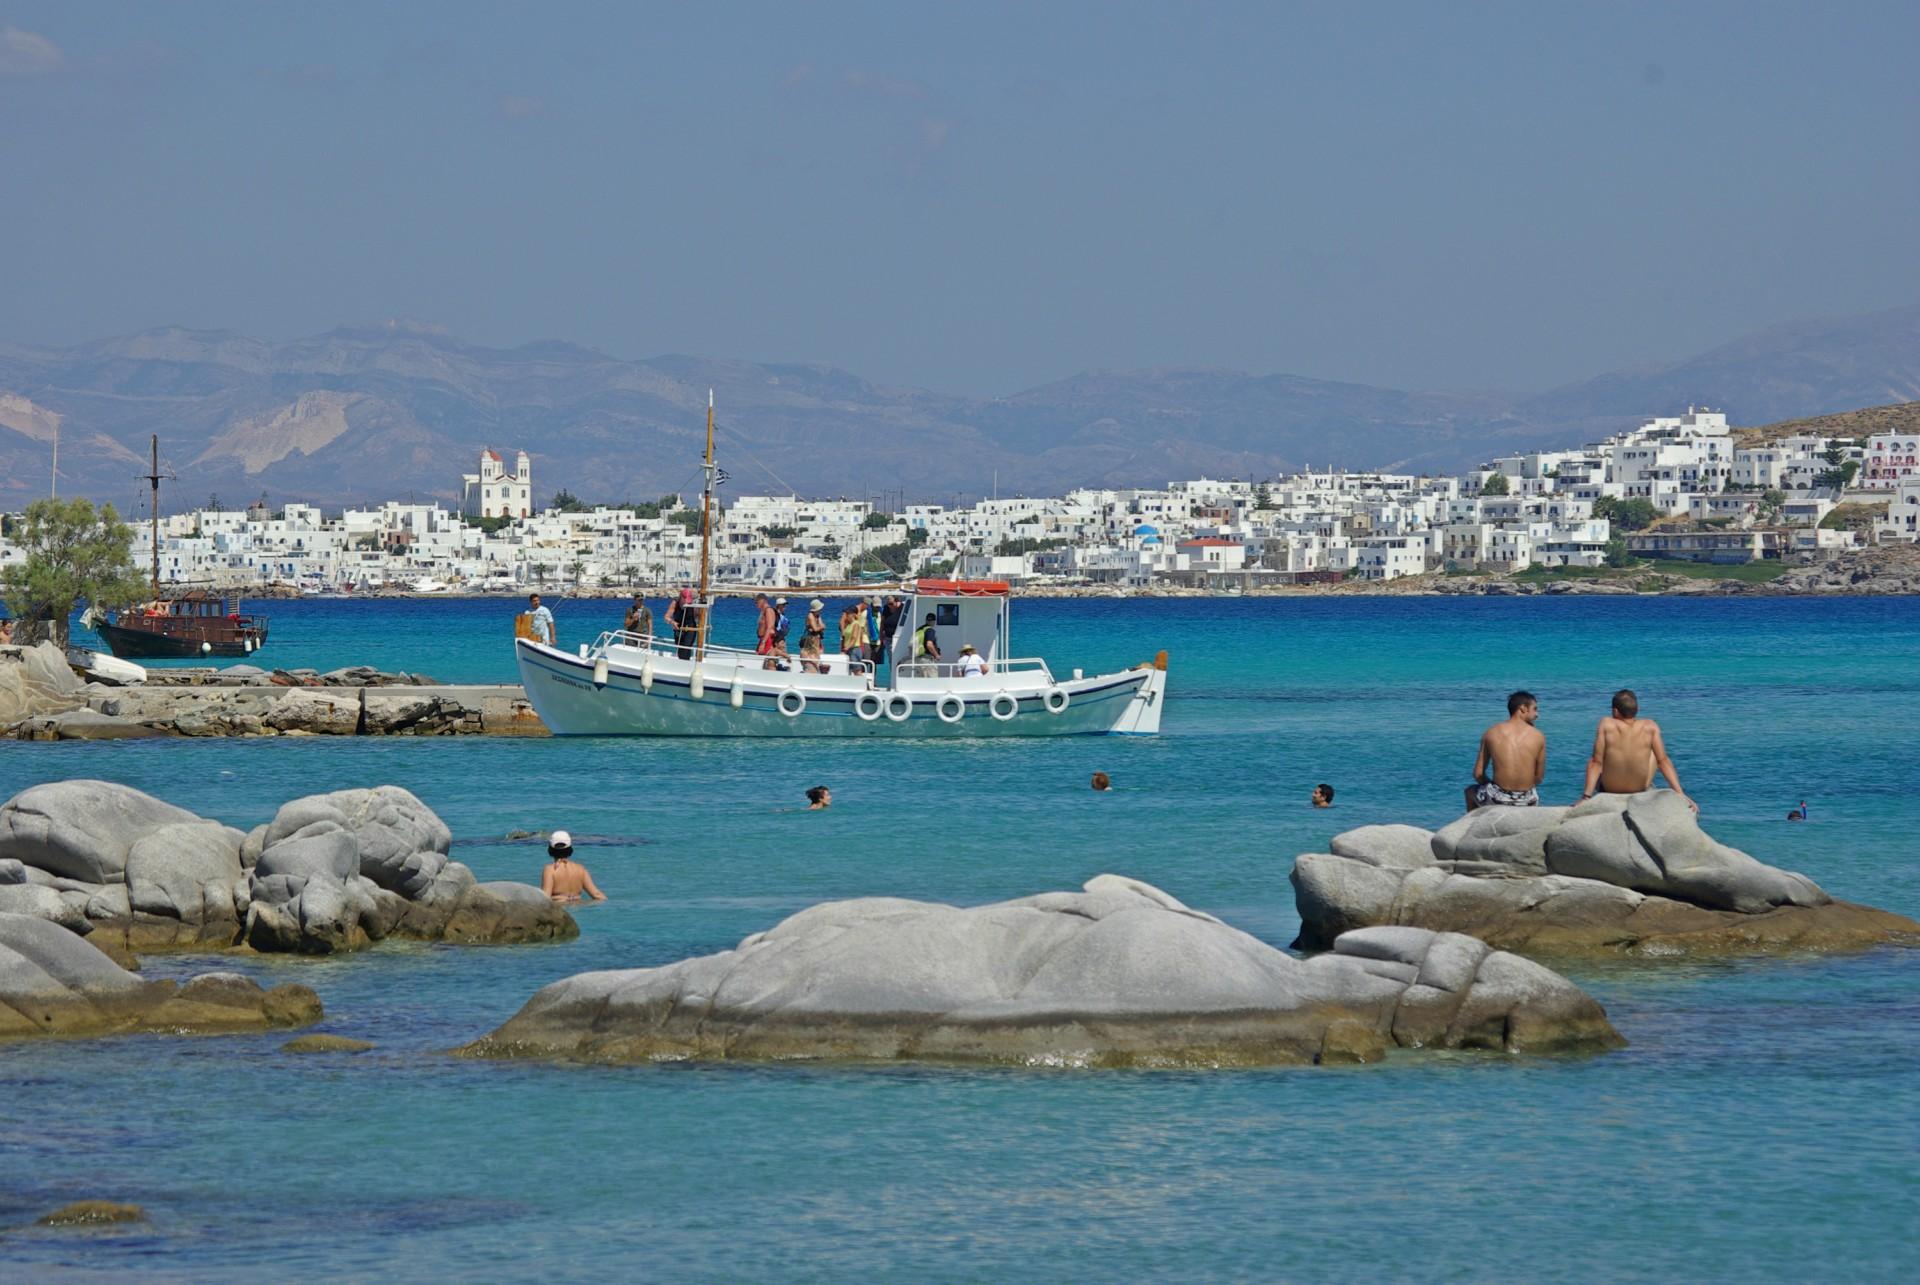 τουριστικά βίντεο ανάδειξης προορισμού στην Ελλάδα